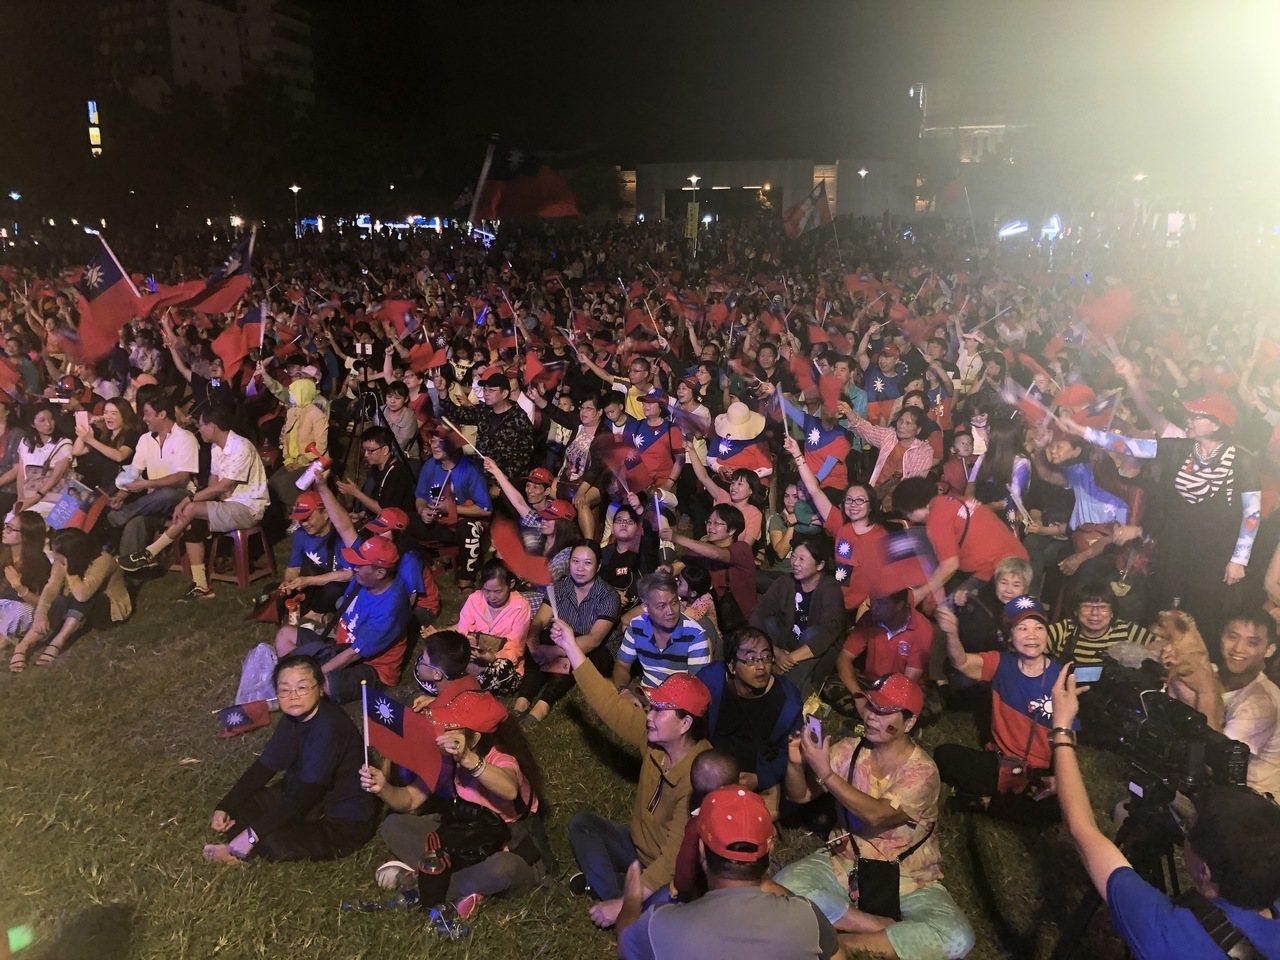 高雄市長韓國瑜昨晚在台南造勢會場遭蛋襲,今晚在嘉義市文化公園舉辦造勢大會, 群眾...